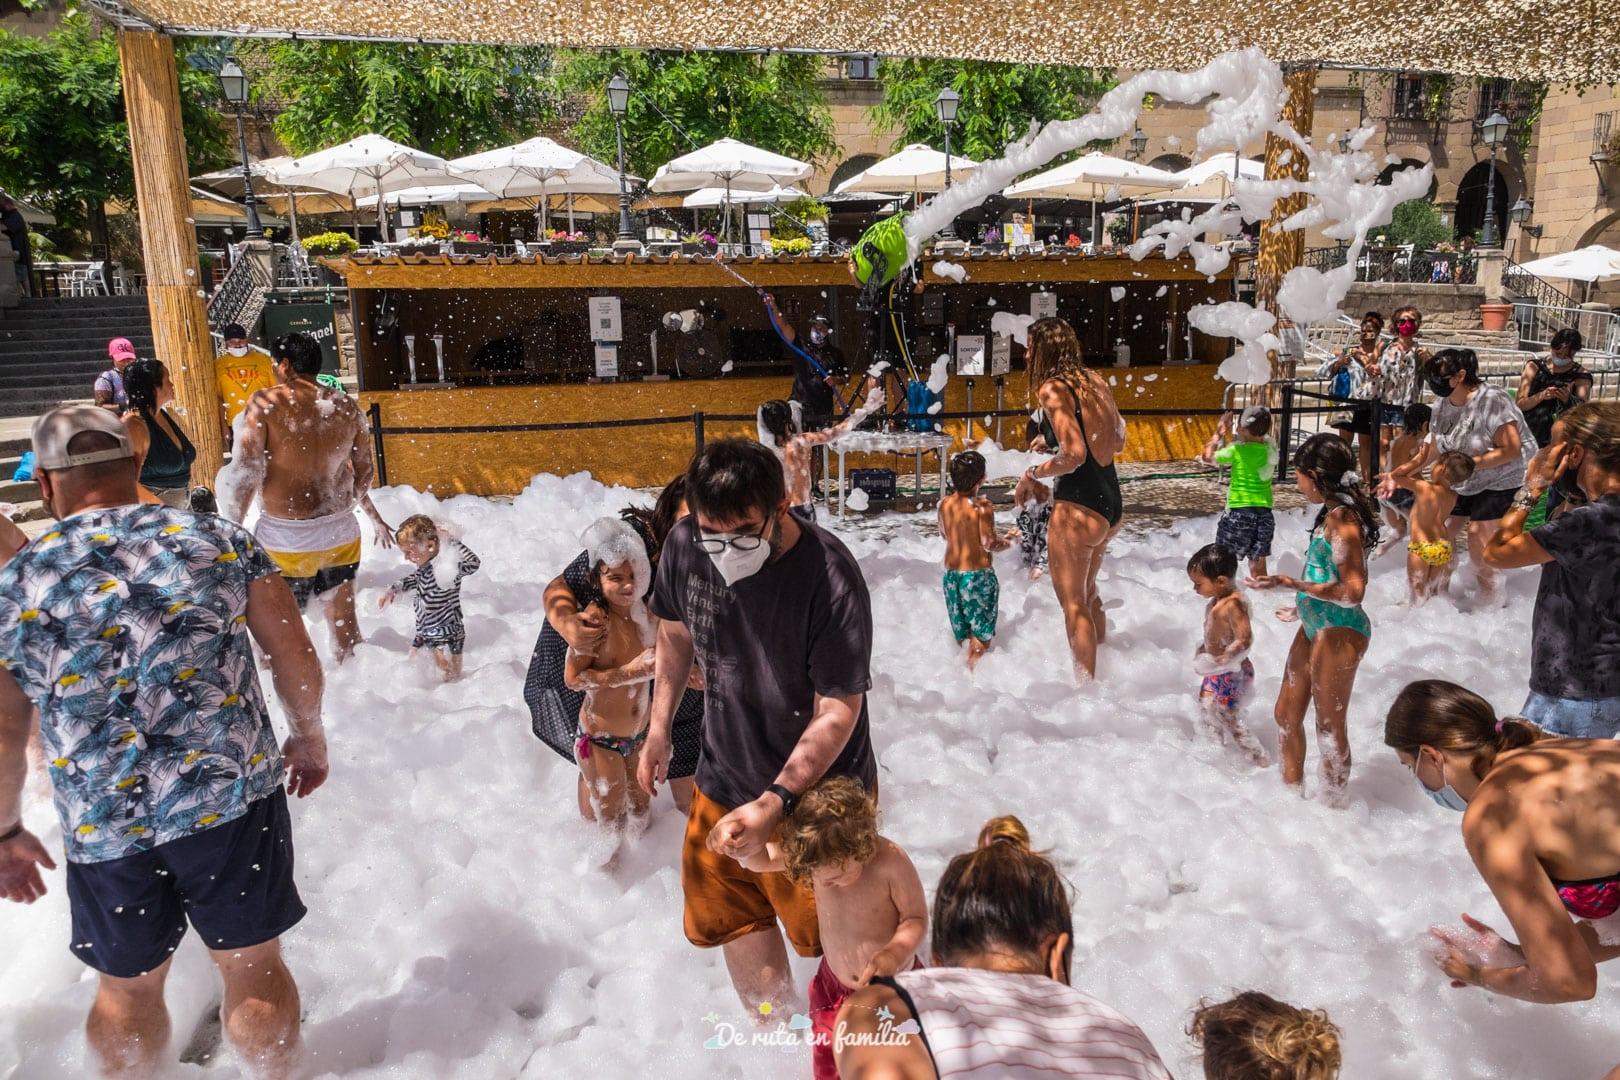 Splash. Fiesta de la espuma en el Poble Espanyol de Barcelona